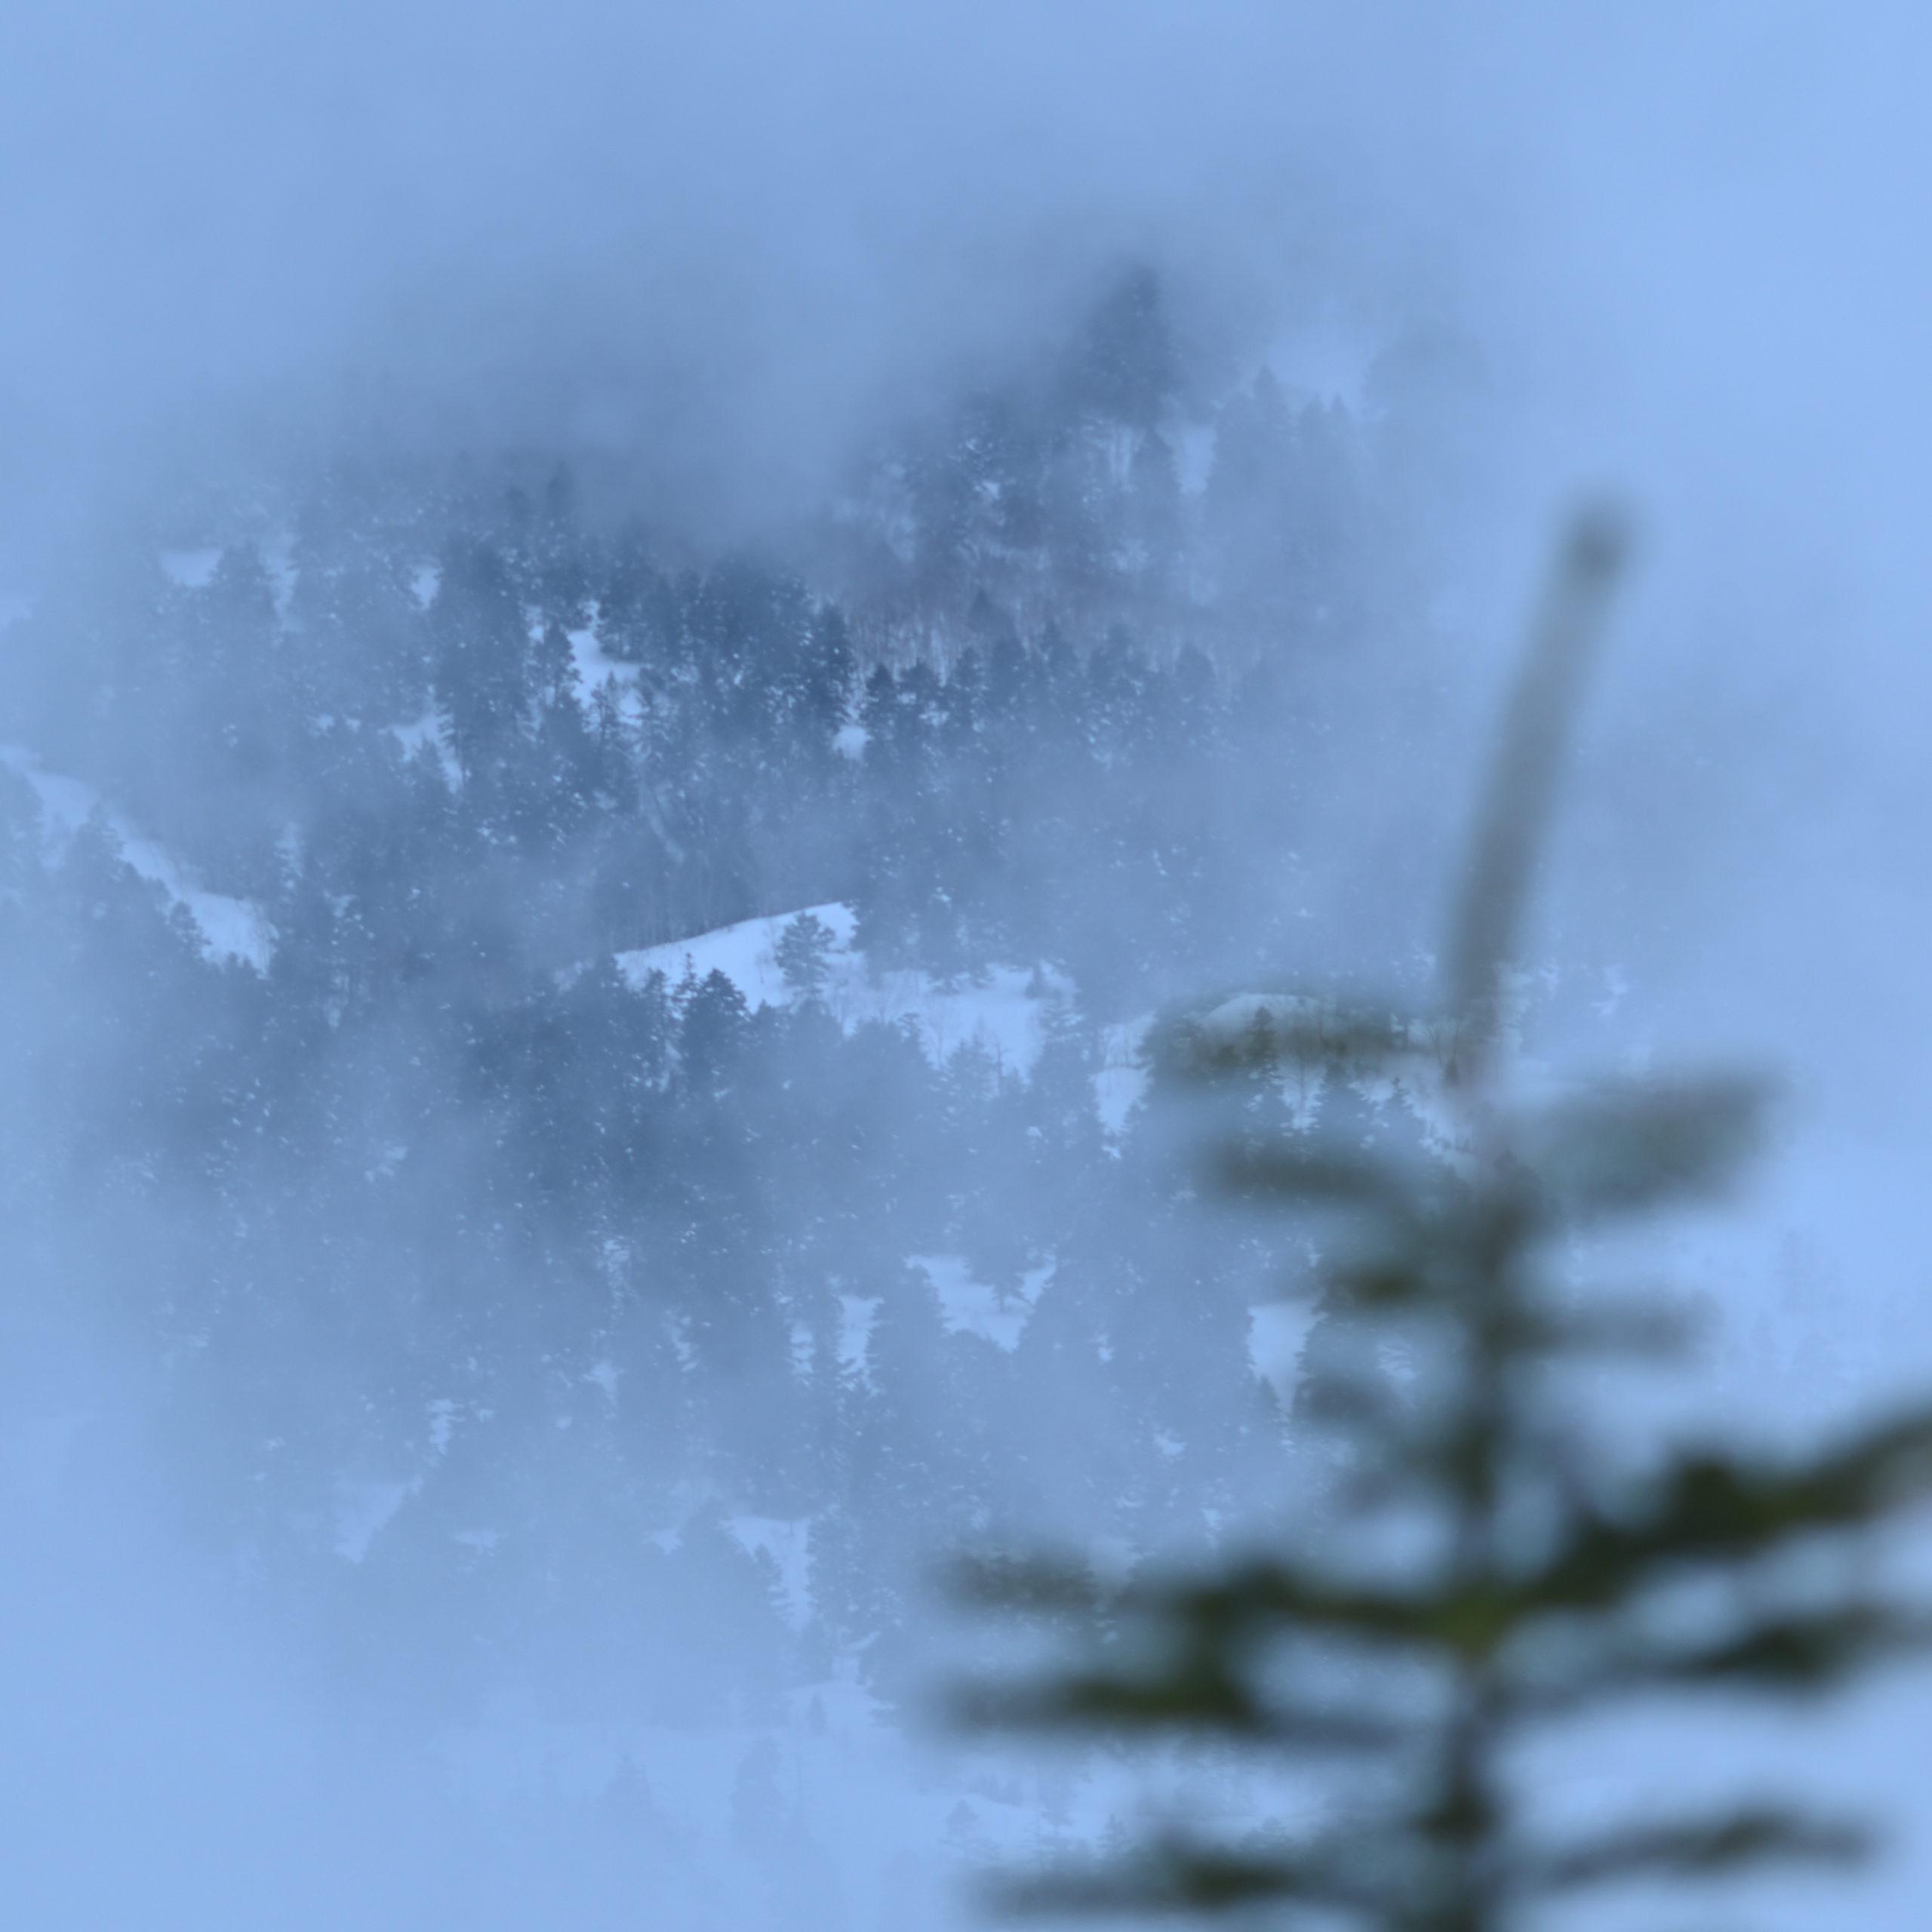 志賀高原写真教室 横手山山頂から 「雲に隠れて」